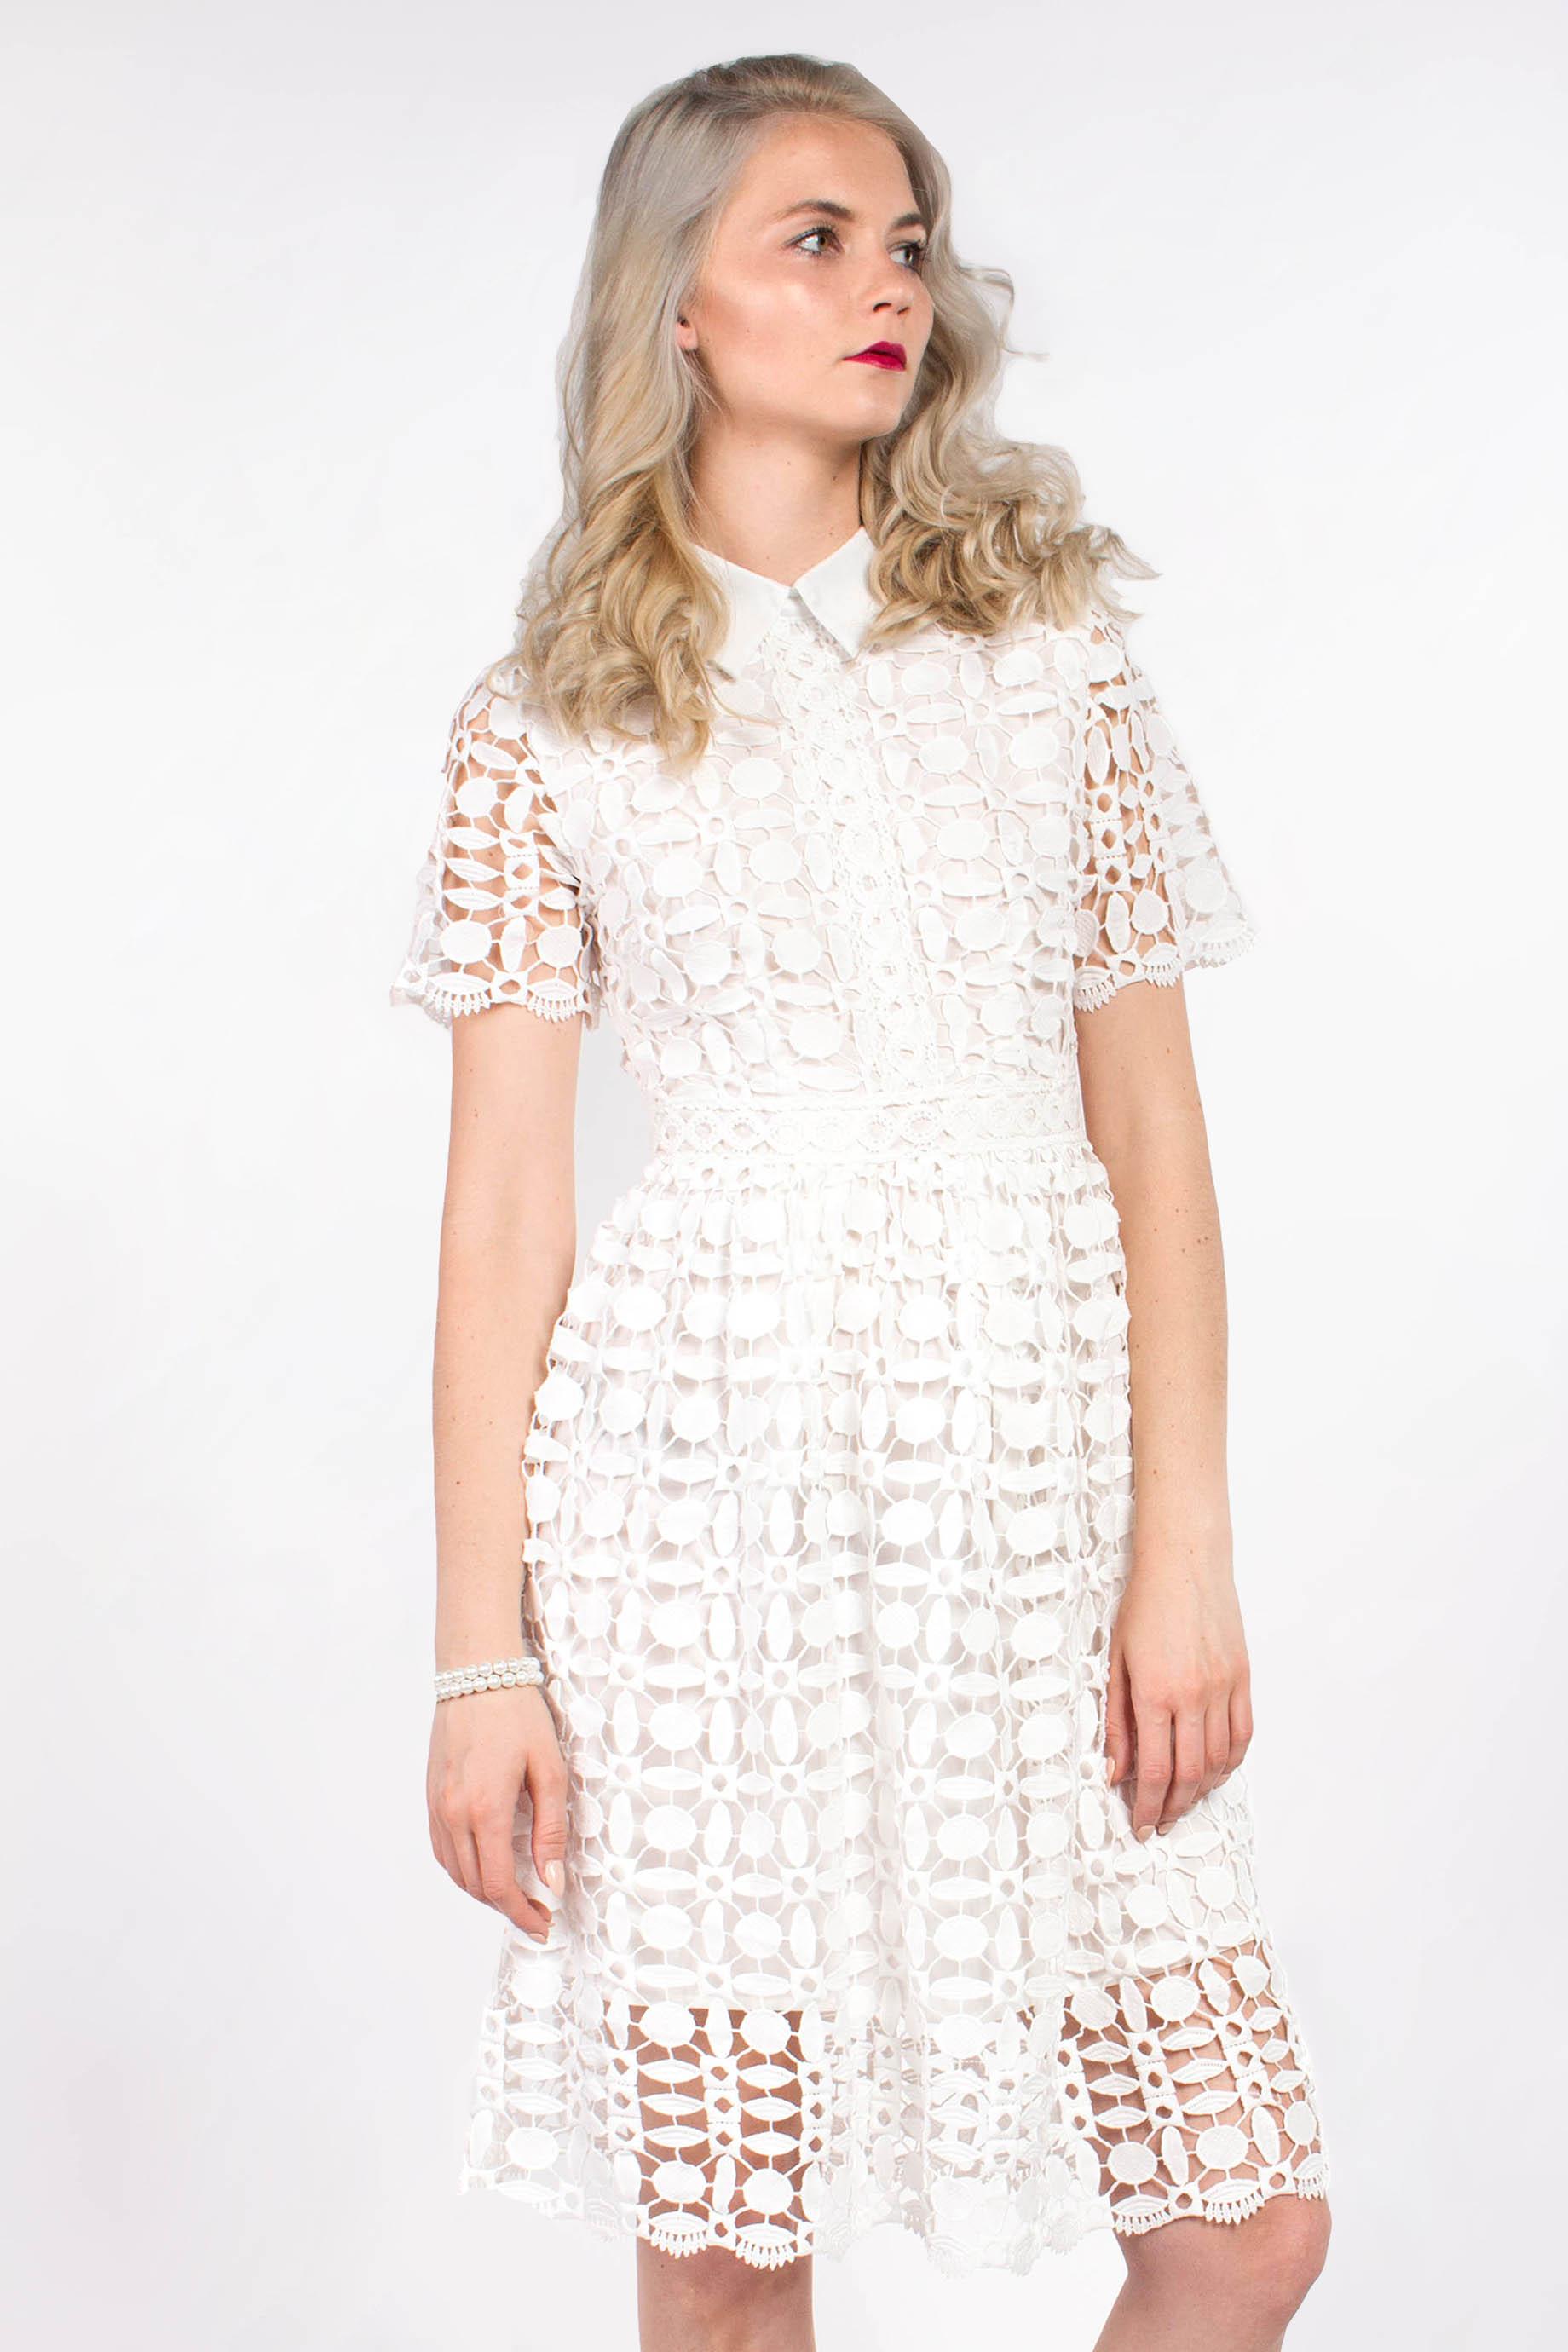 b9af71079a27 obrázok 1 Chicwish biele čipkované šaty